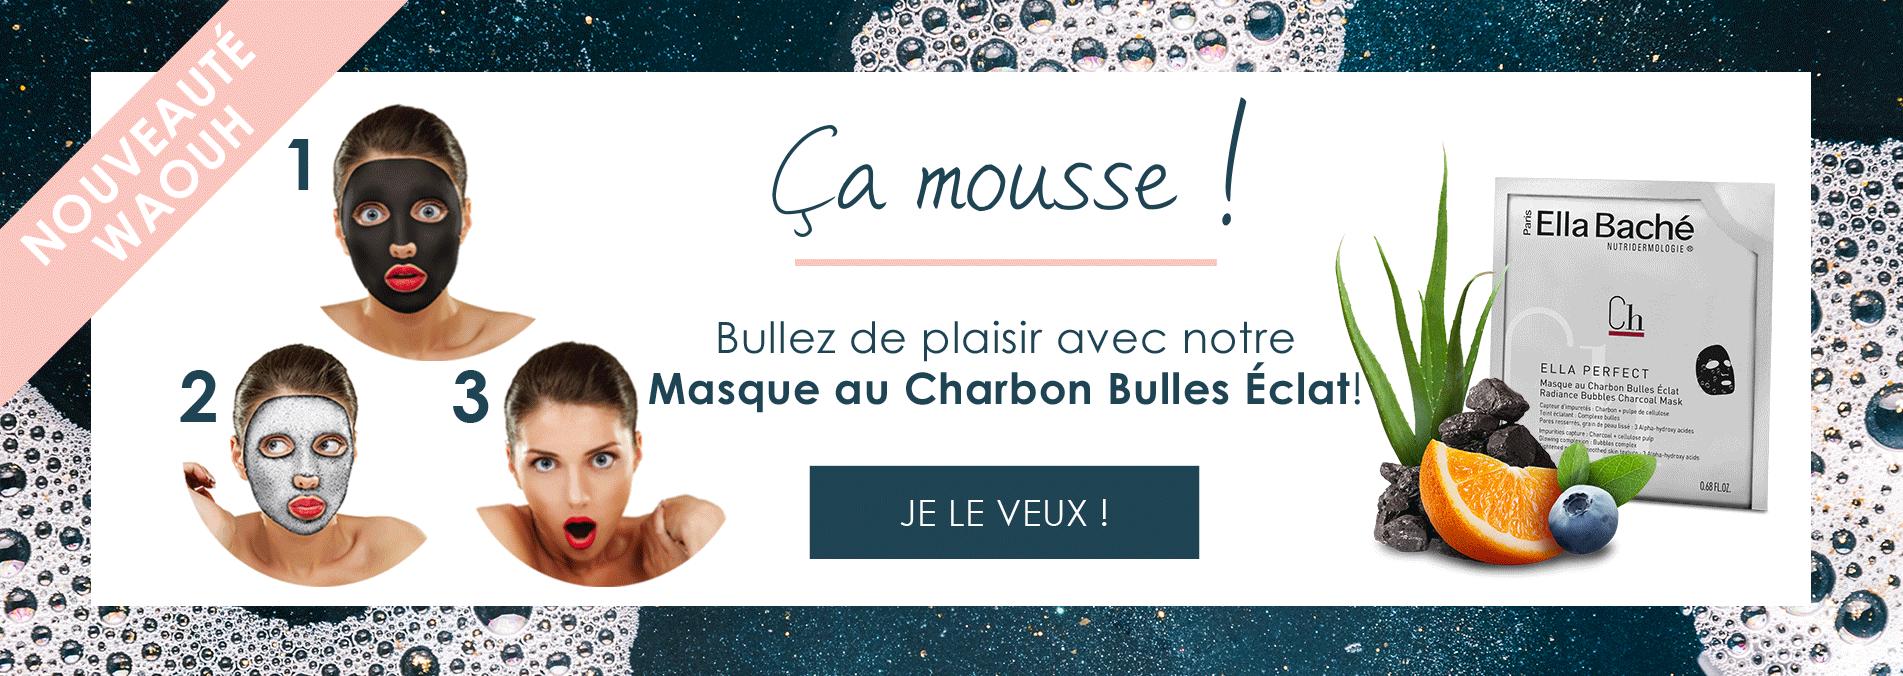 Découvrez notre tout nouveau Masque au Charbon Bulles Eclat...ca va pétiller de plaisir!